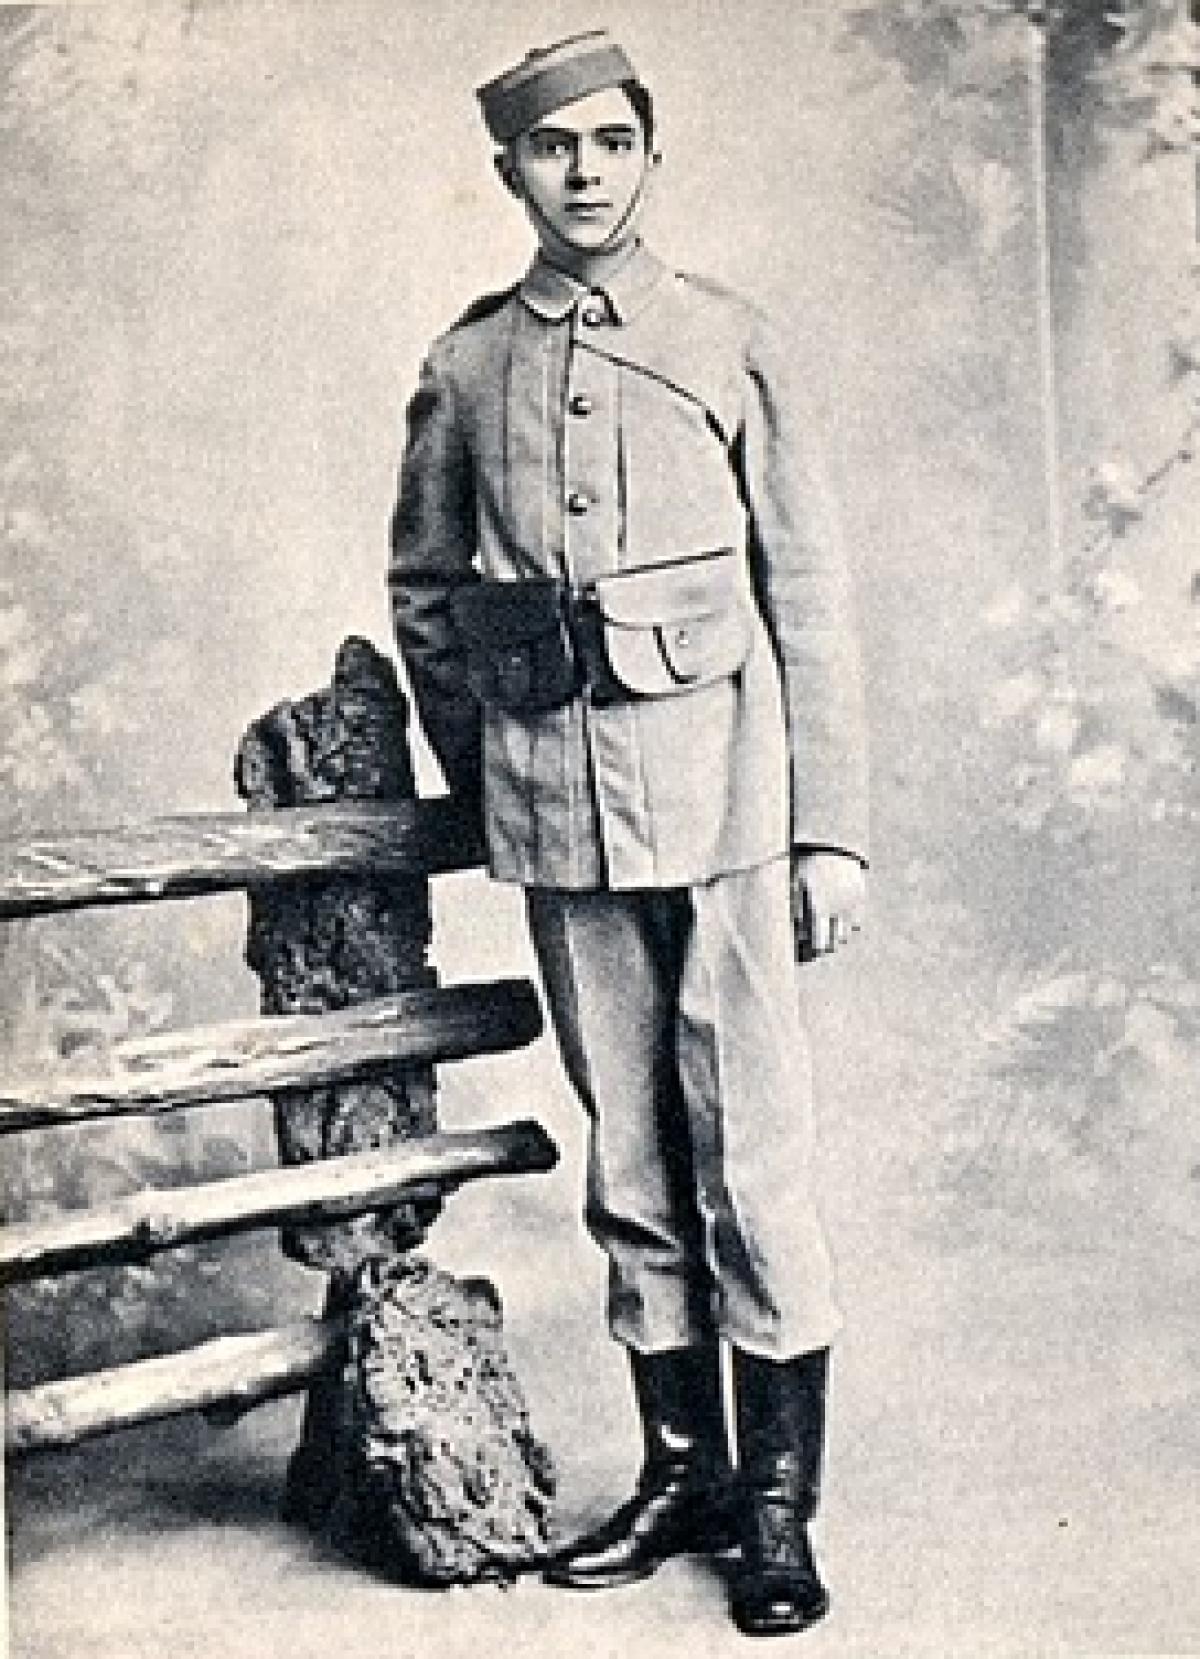 Jawaharlal Nehru in a cadet uniform at Harrow school